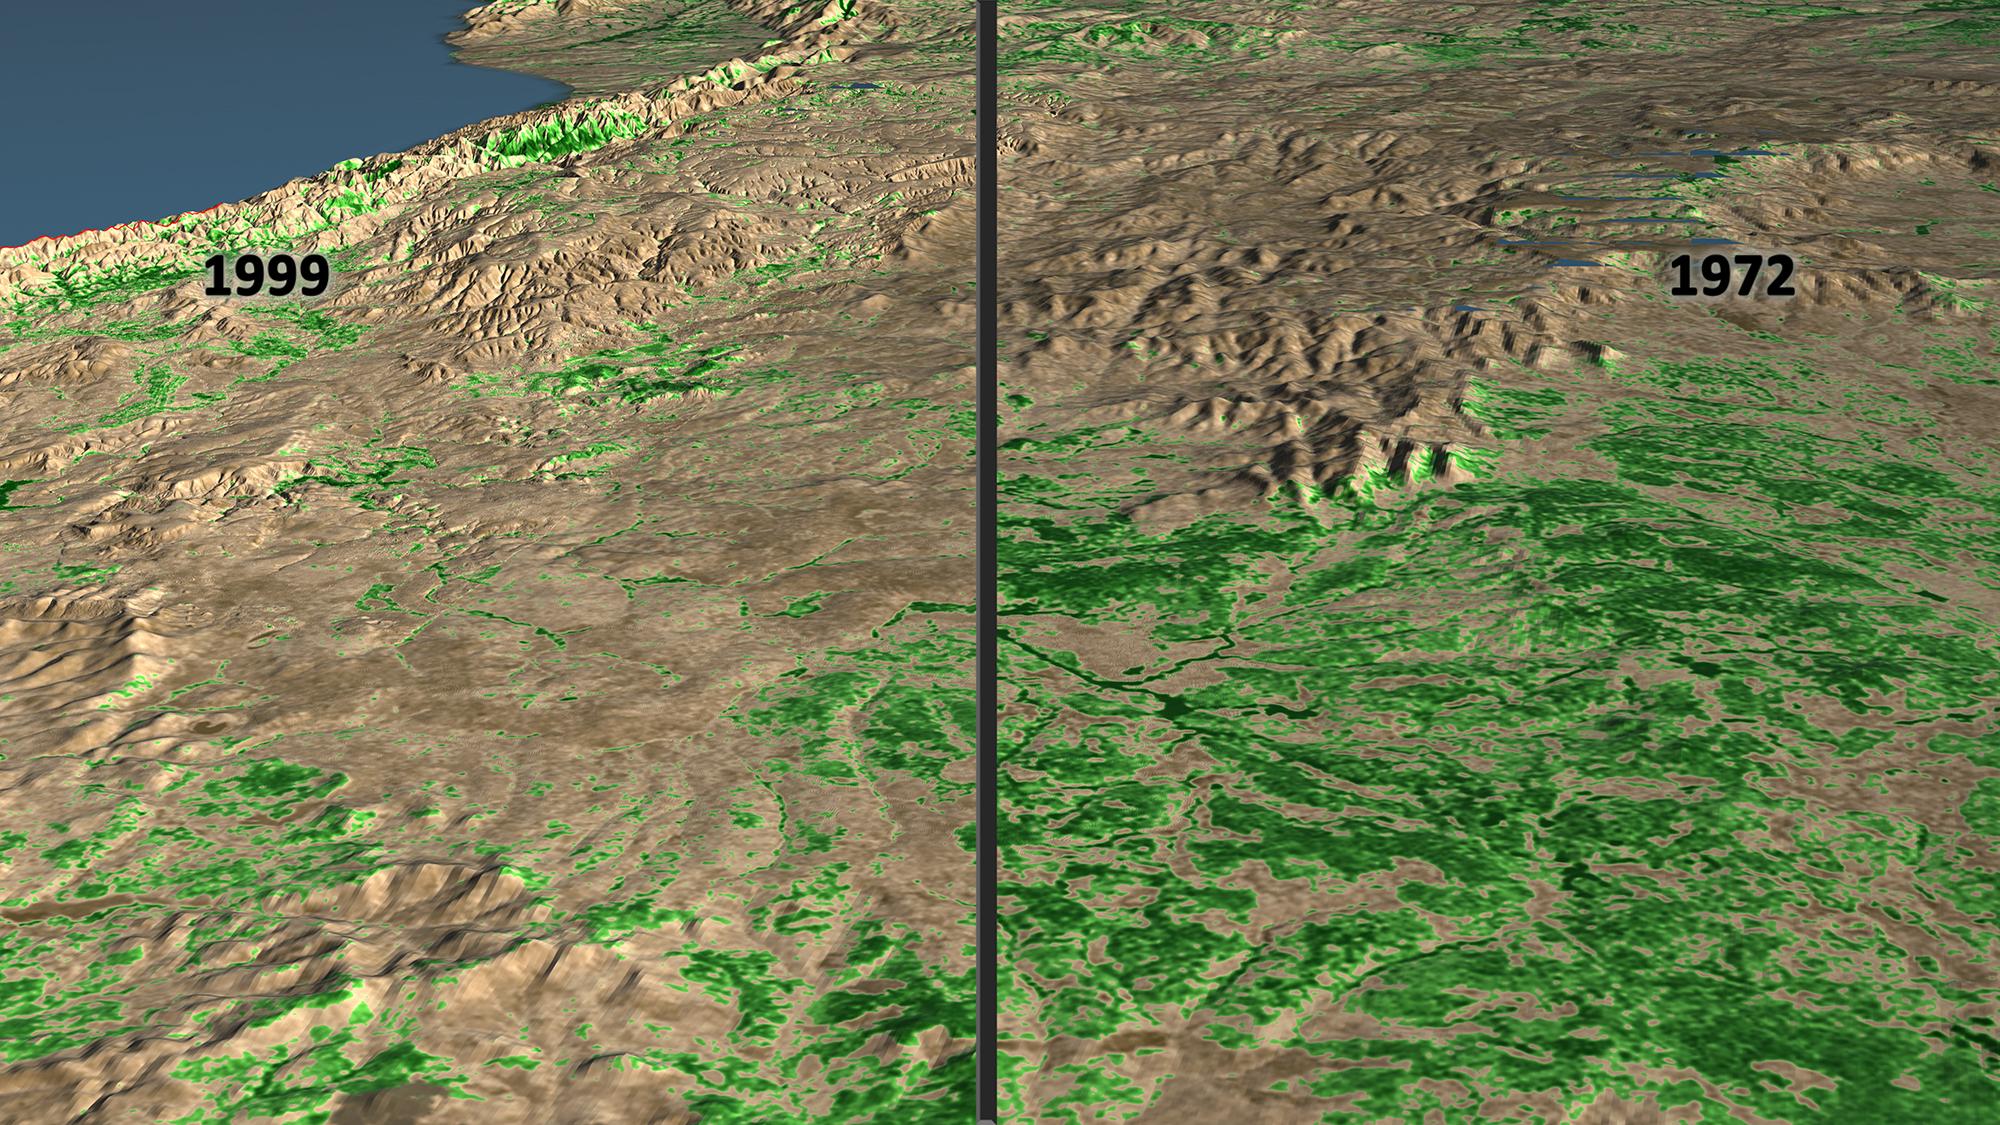 Side By Side Image Showing Deforestation